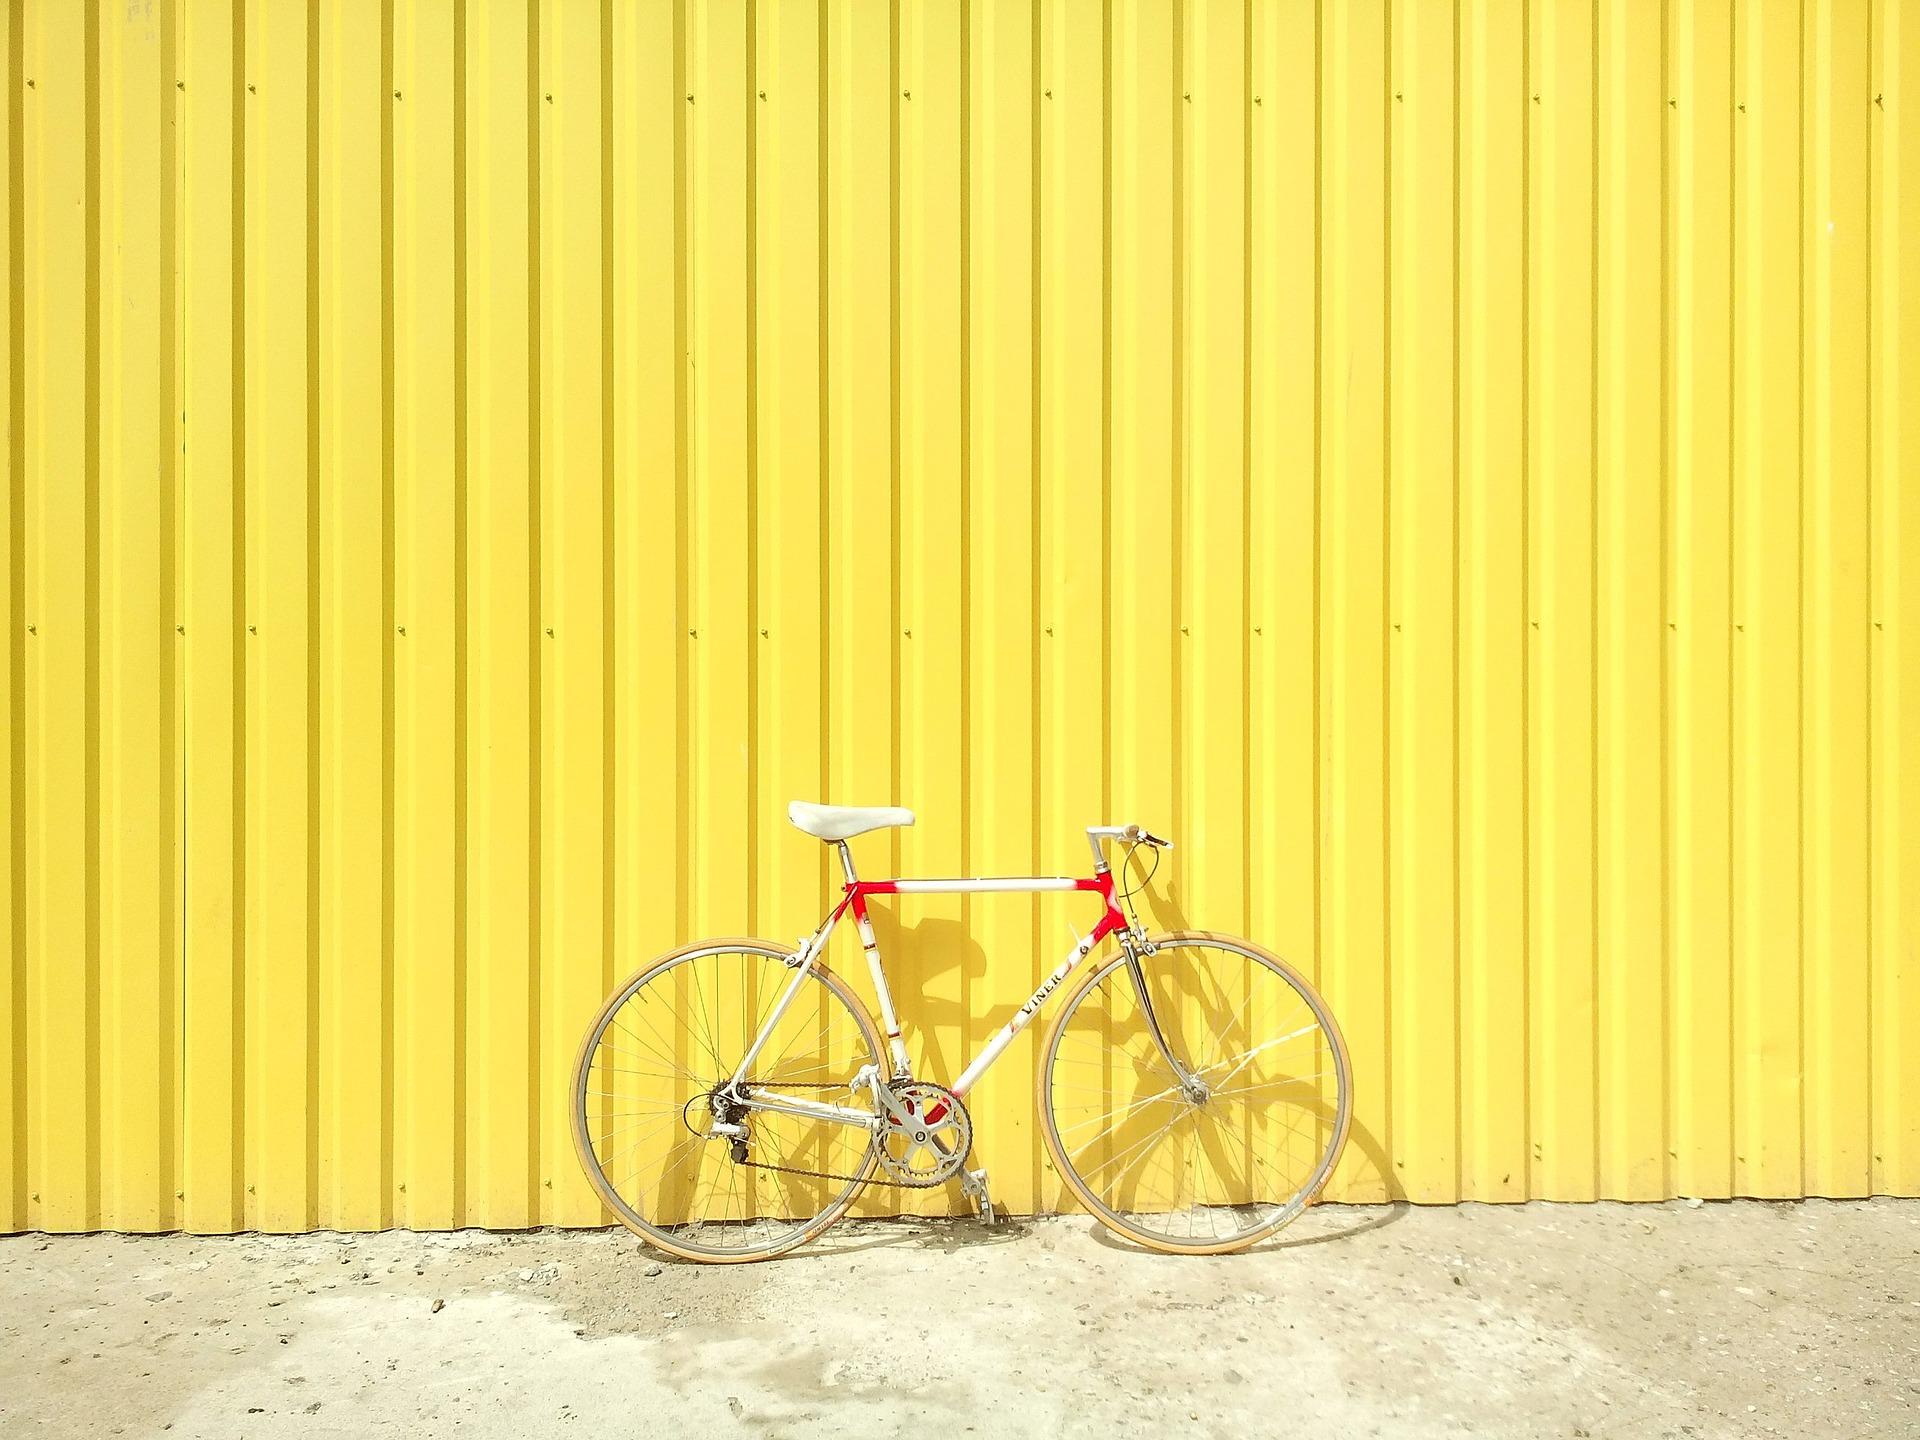 ¿El arriendo de bicicletas paga IVA?